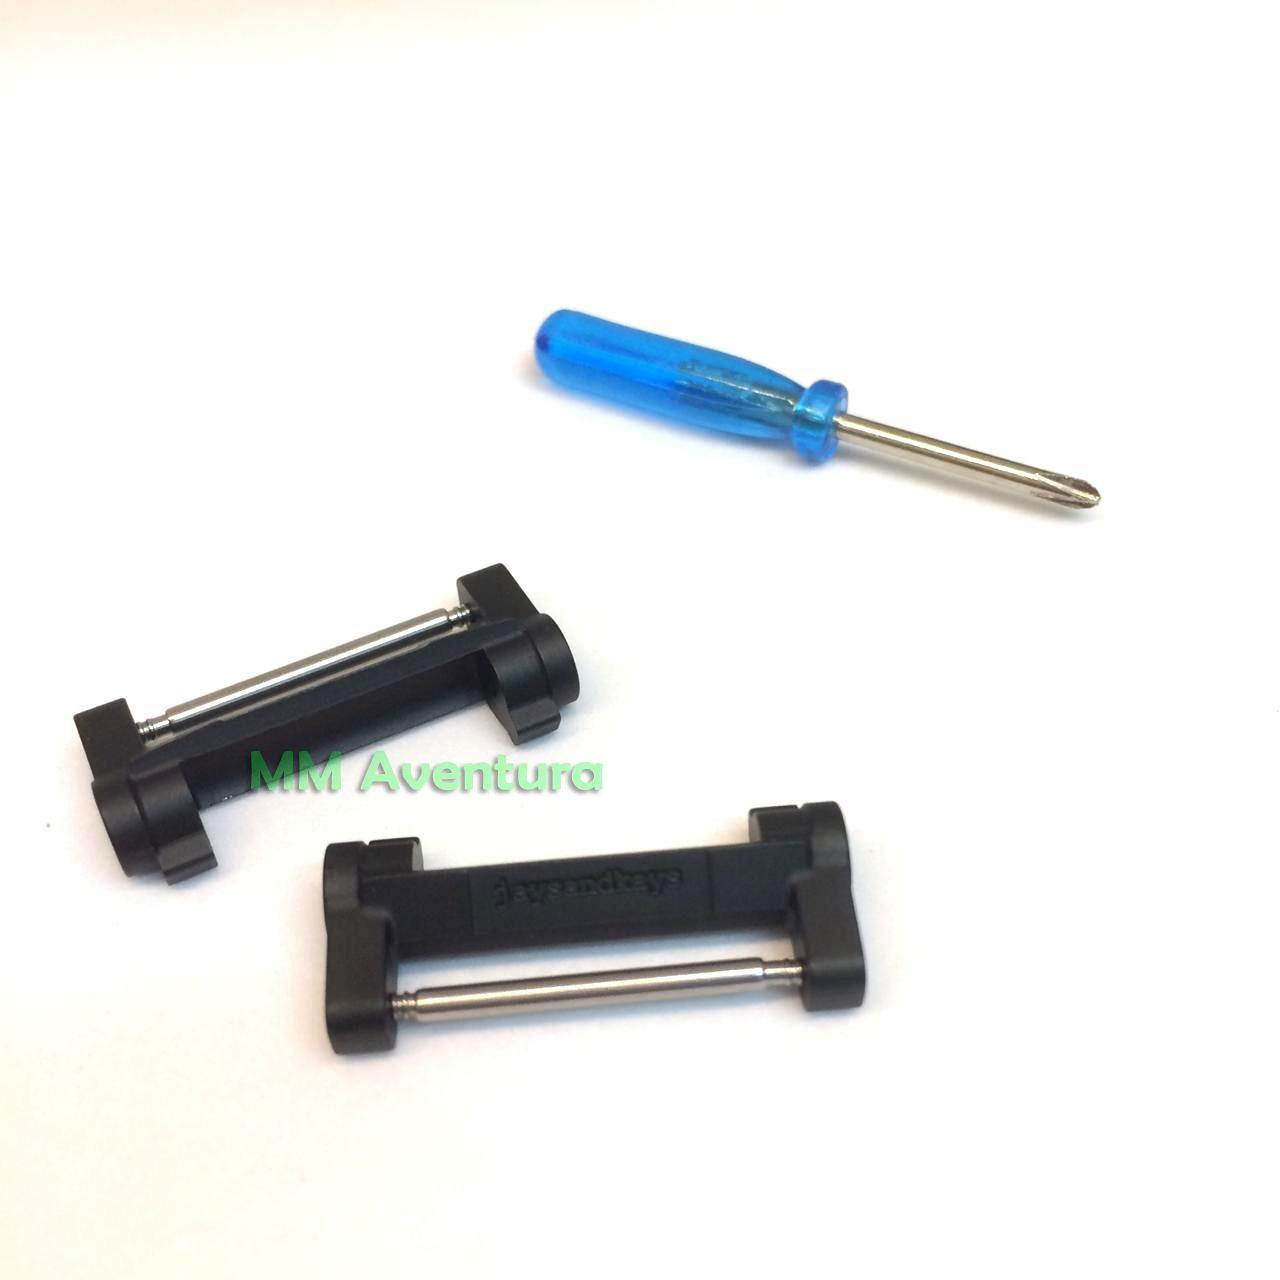 Adaptador Metálico de Pulseiras 22mm JaysAndKays p/ Casio G-Shock Mudman G9000 GW9000 GW9010